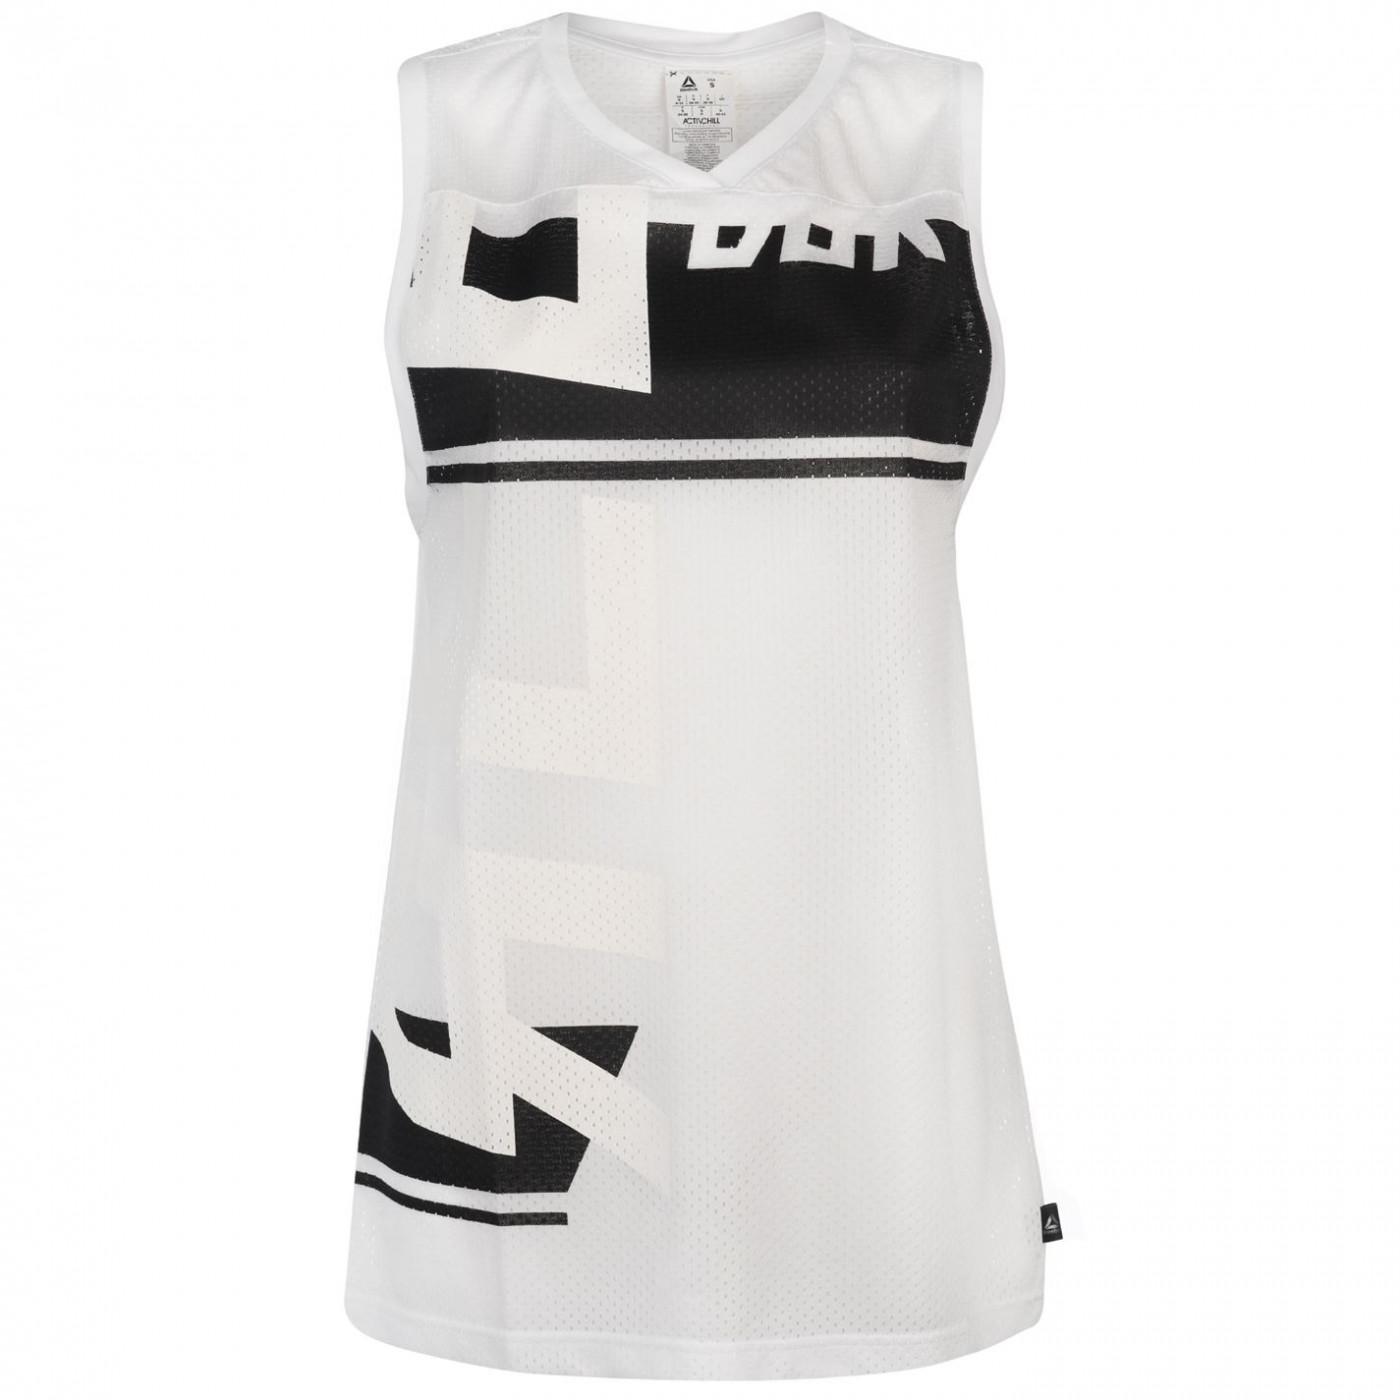 Reebok Workout Mesh Basketball Top Ladies